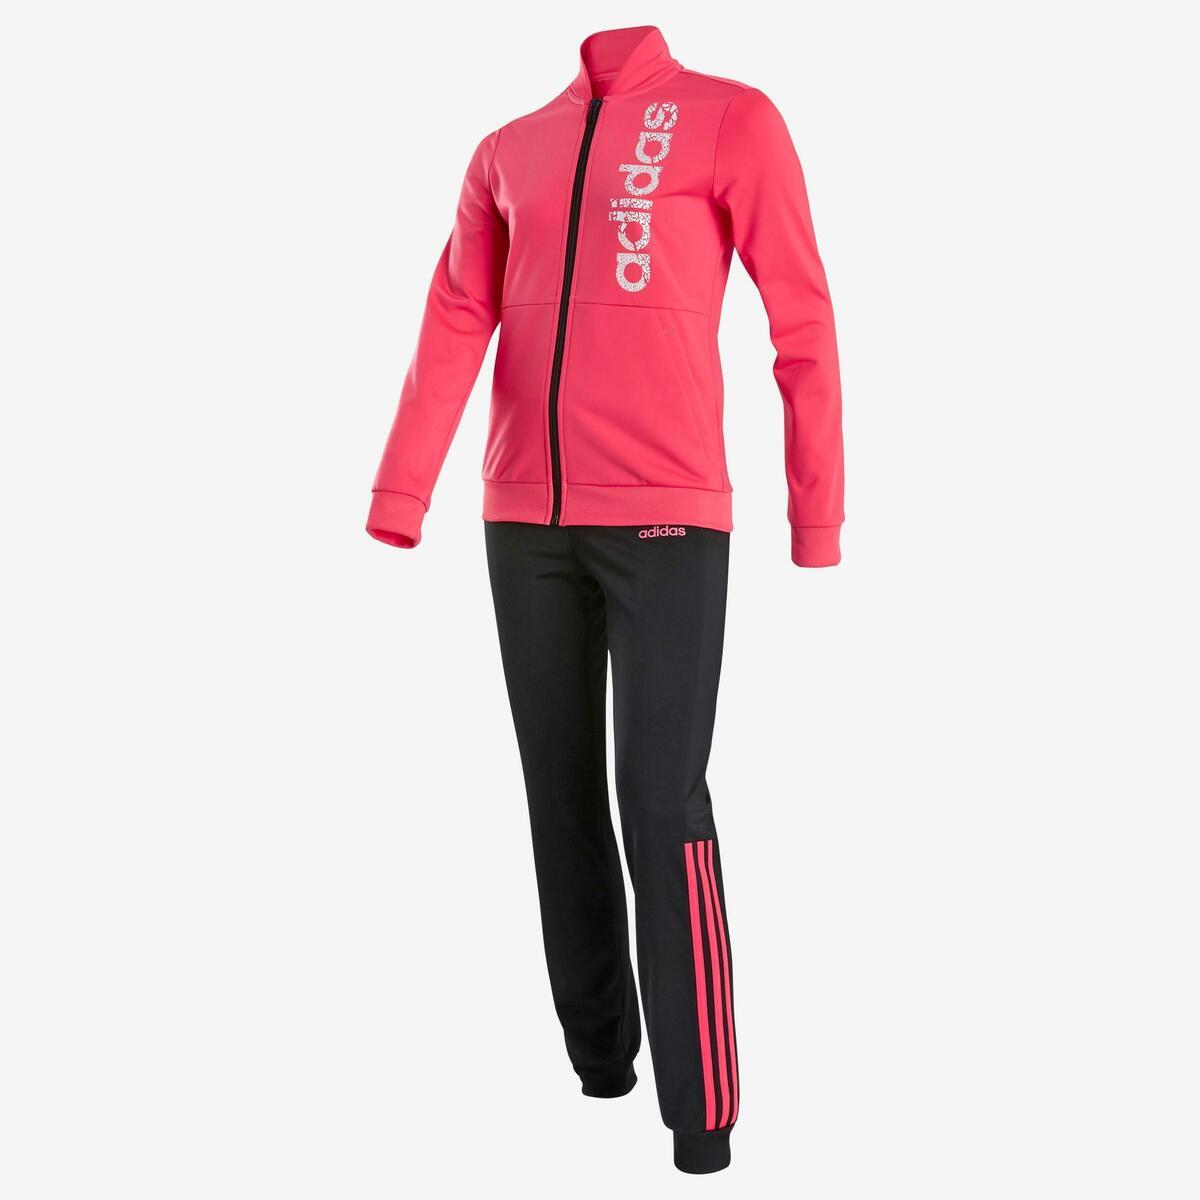 Bild 2 von Trainingsanzug Logo auf der Brust Kinder rosa